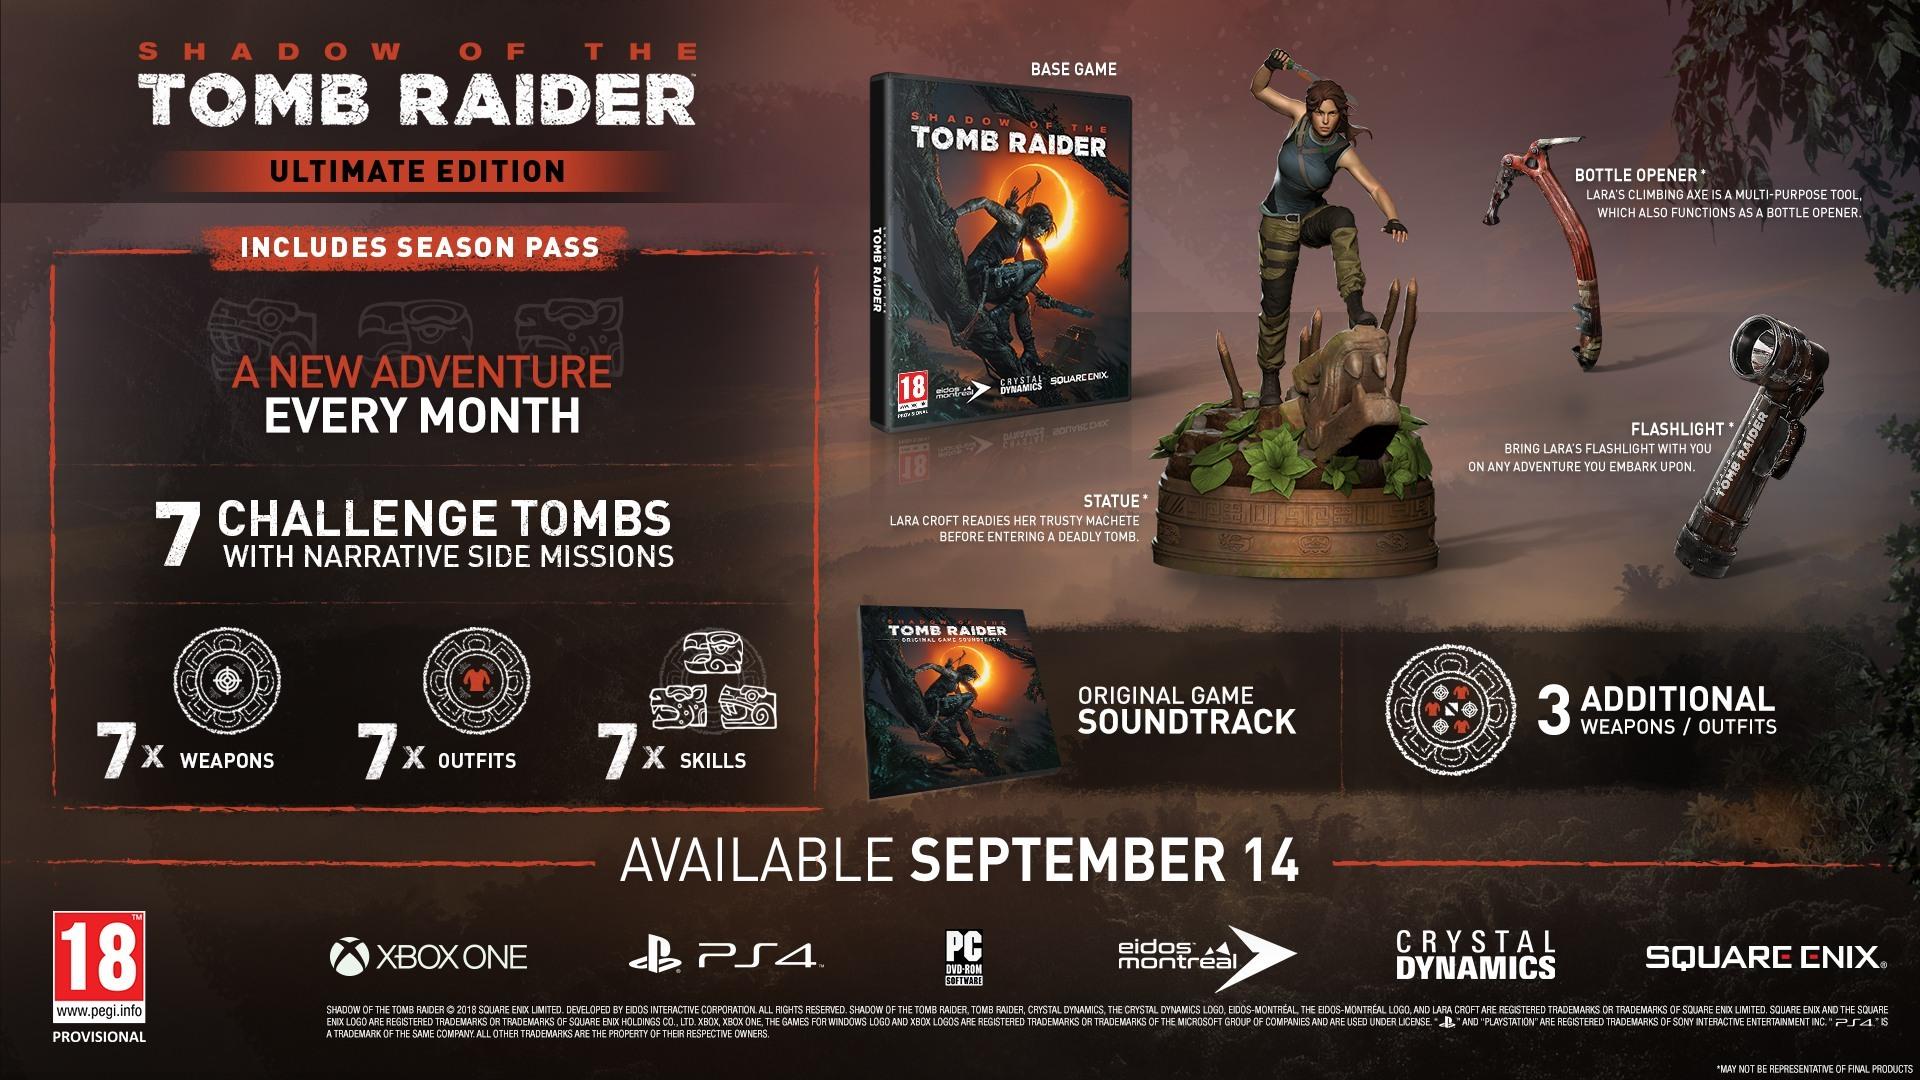 Ultimate Collector's, Croft, Digital Deluxe e Standard: le edizioni di Shadow of the Tomb Raider!